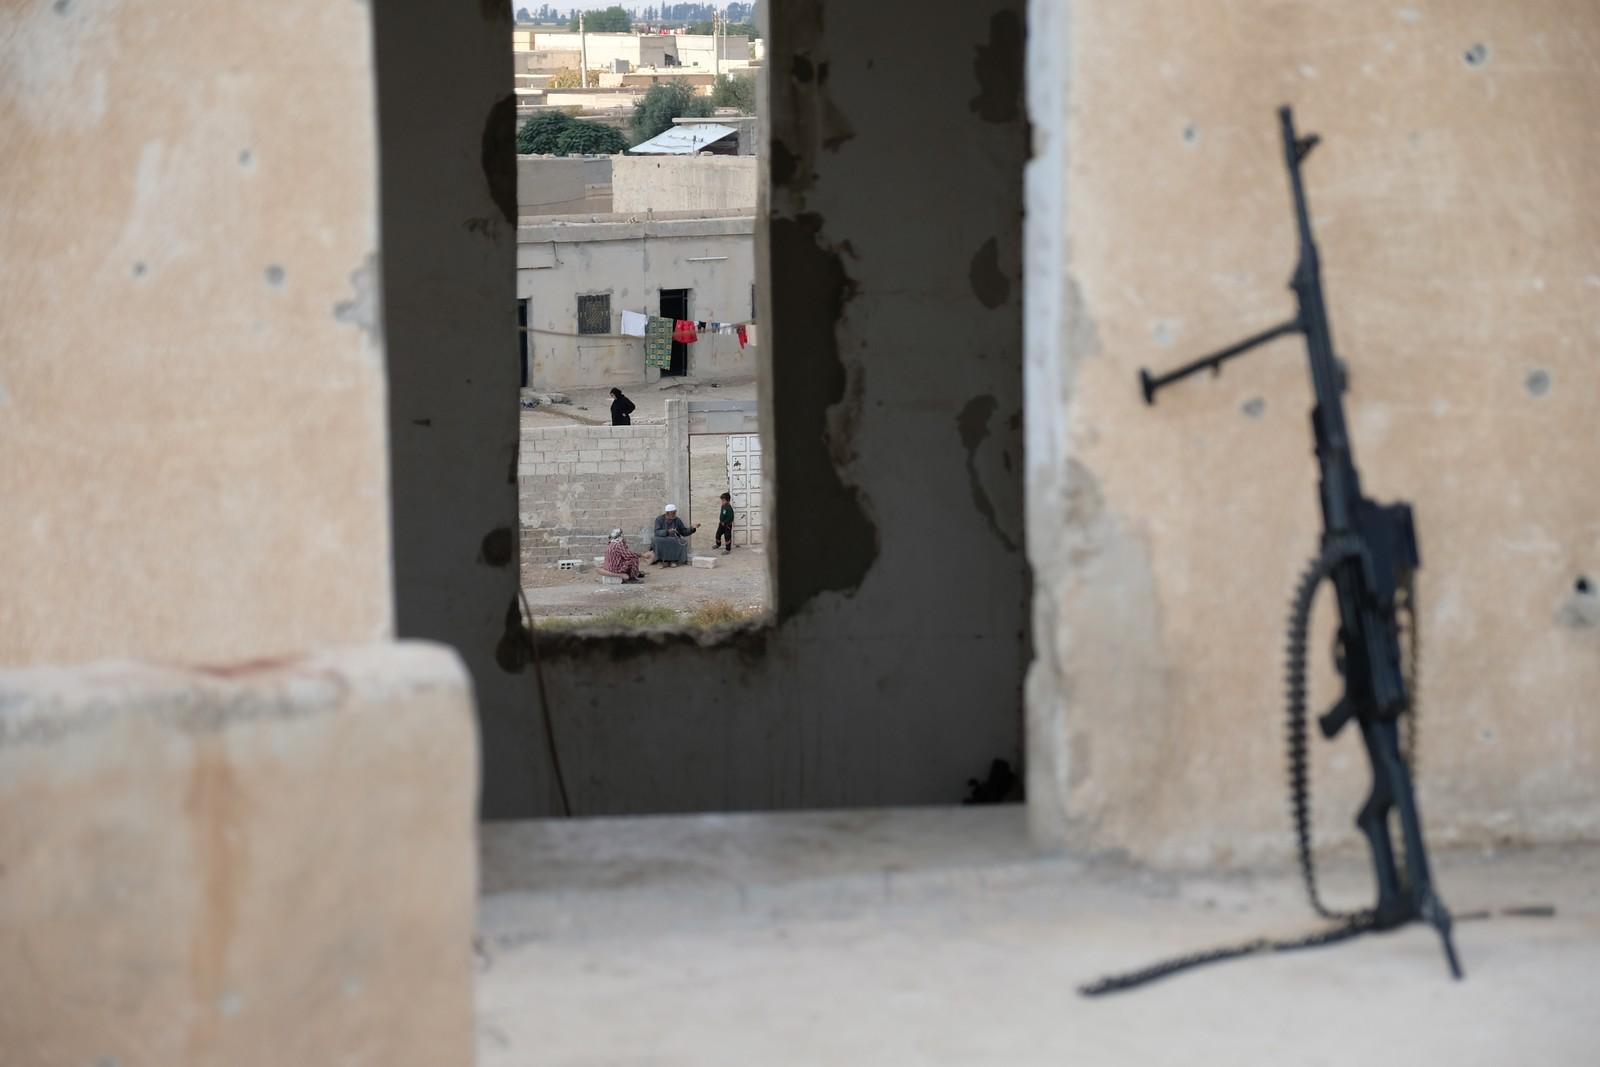 Spor av et liv som kanskje er på vei tilbake mot noe mer normalt etter at IS er ute av Raqqa. Byen er helt ødelagt etter kampene mot IS som er kjempet her de siste månedene.